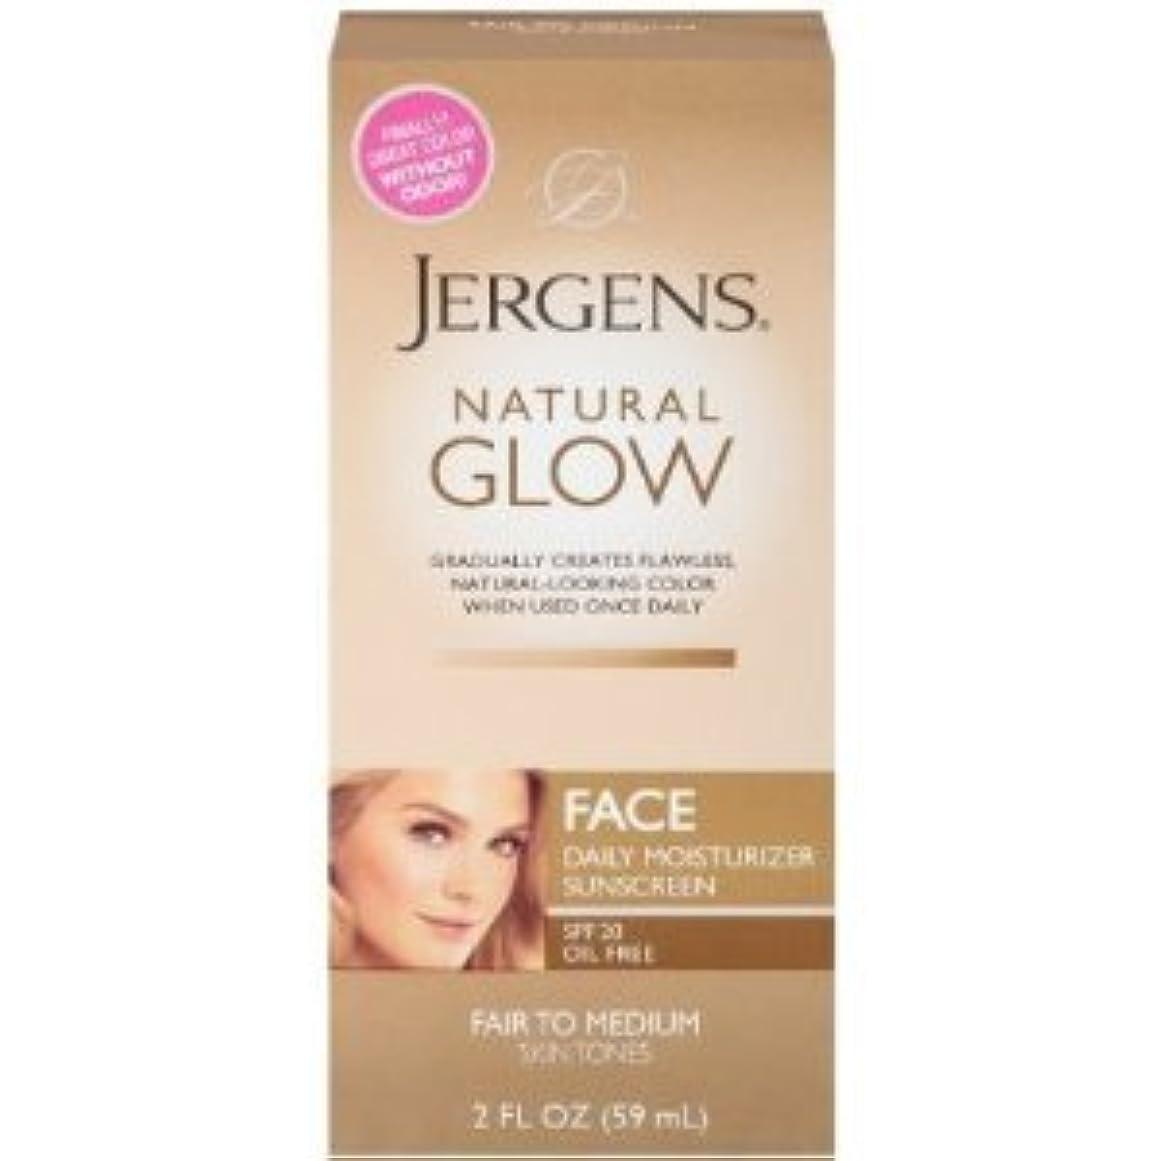 記者その結果アトラスNatural Glow Healthy Complexion Daily Facial Moisturizer, SPF 20, Fair to Medium Tan, (59ml) (海外直送品)